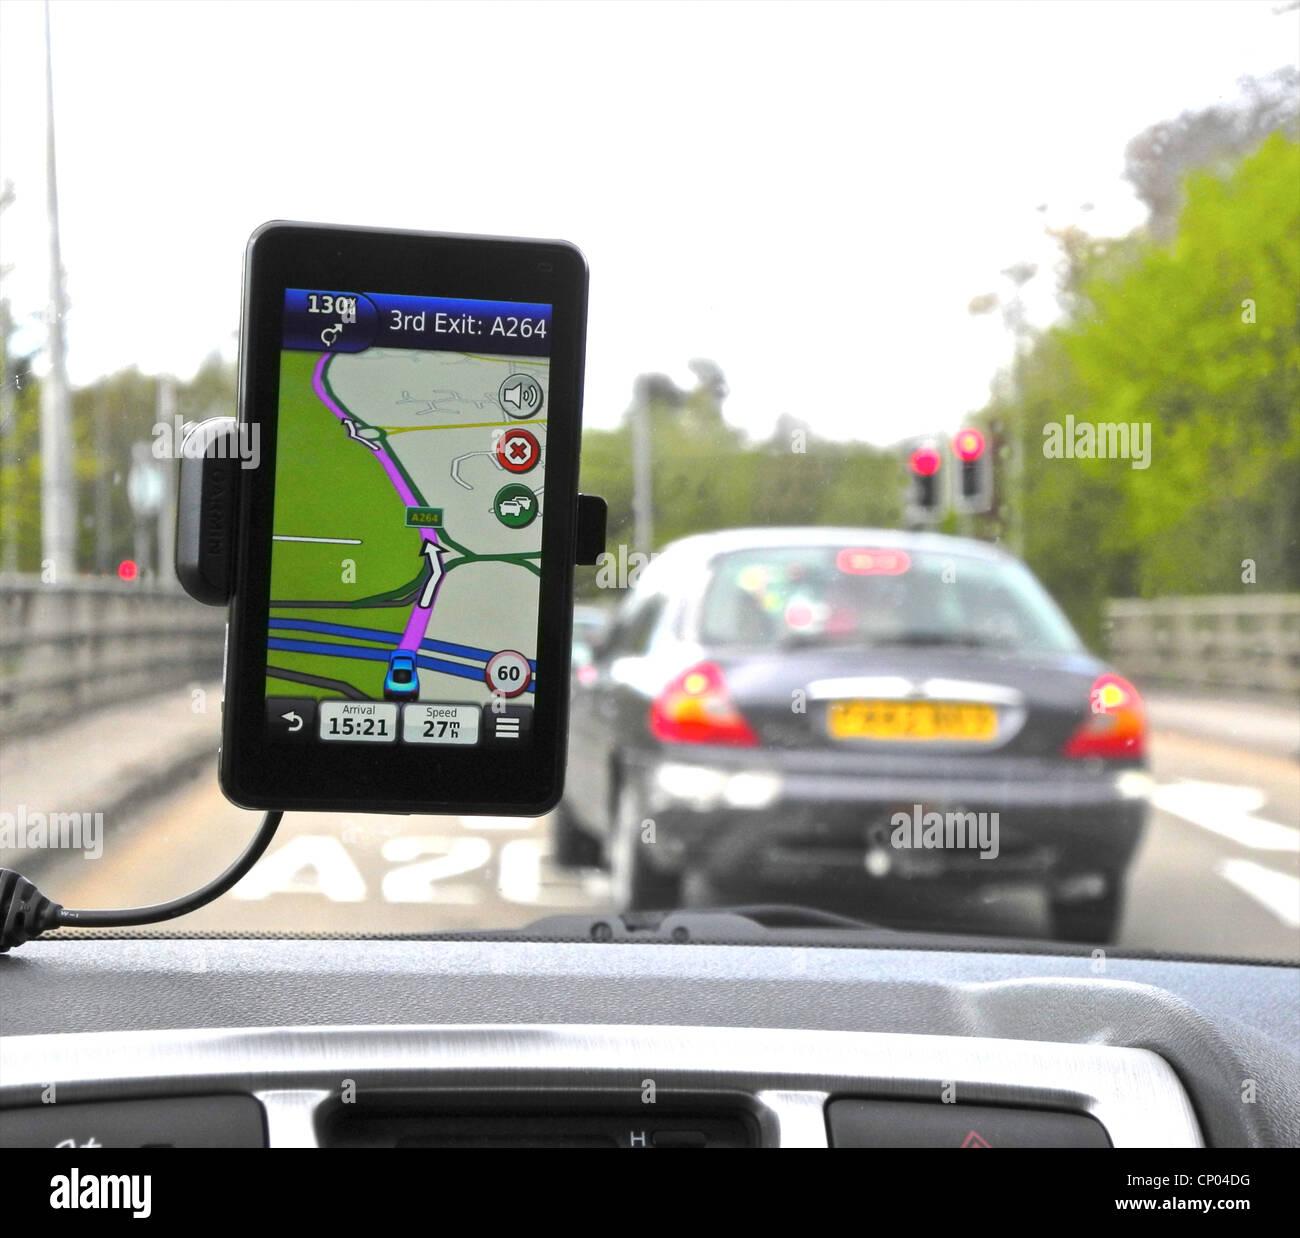 Sat Nav unité de travail de l'appareil de navigation par satellite voiture. Photo Stock